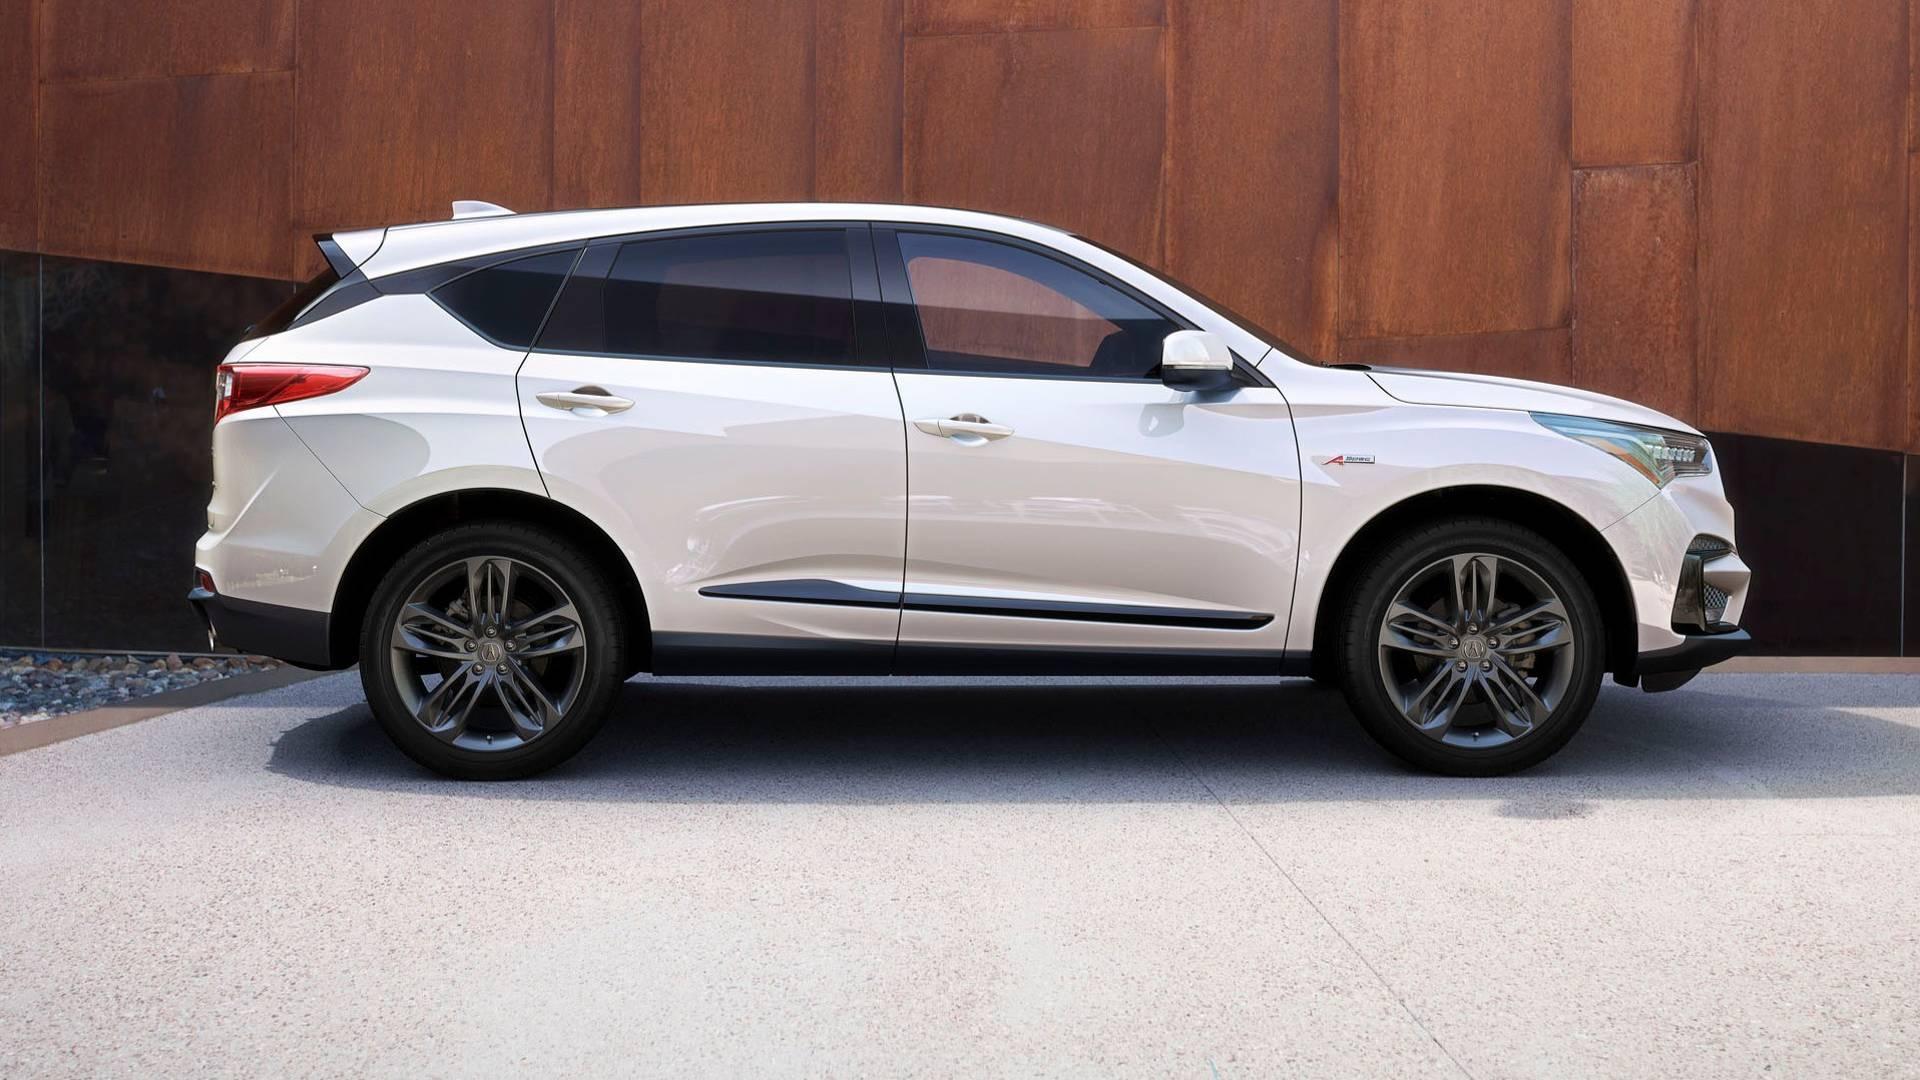 2020 Acura RDX Adds Platinum White Exterior Color ...